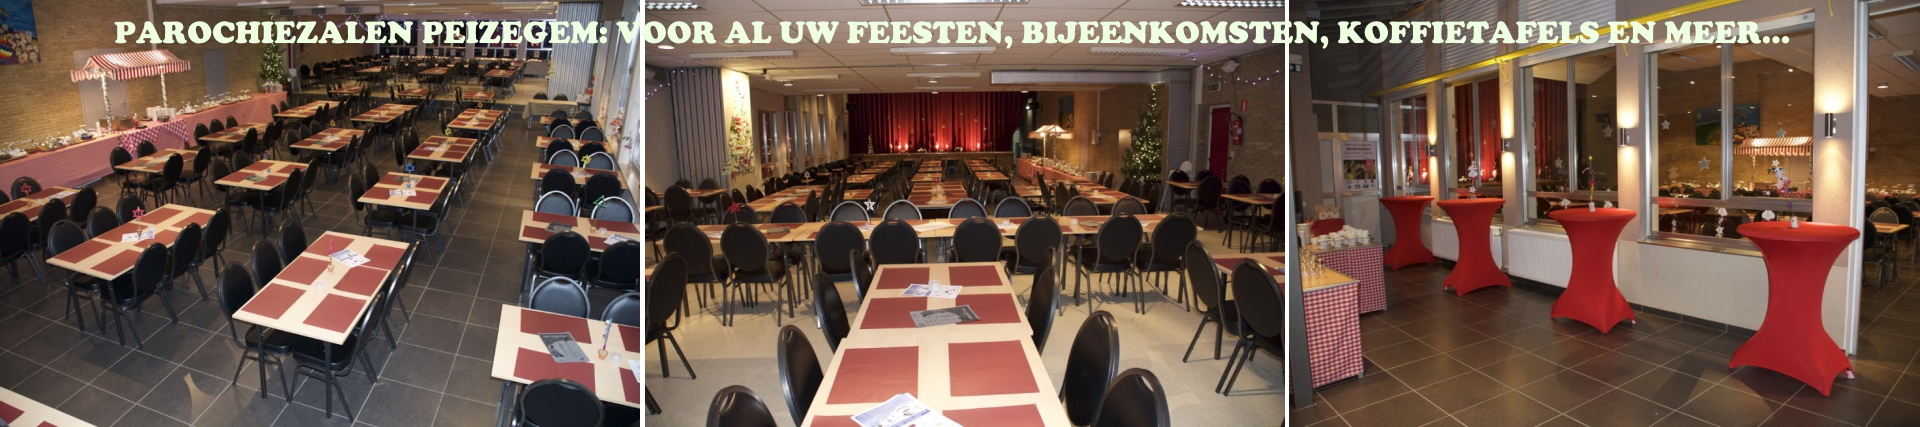 Parochiezalen Peizegem: zalen voor feest, vergadering, koffietafels, presentaties en meer...